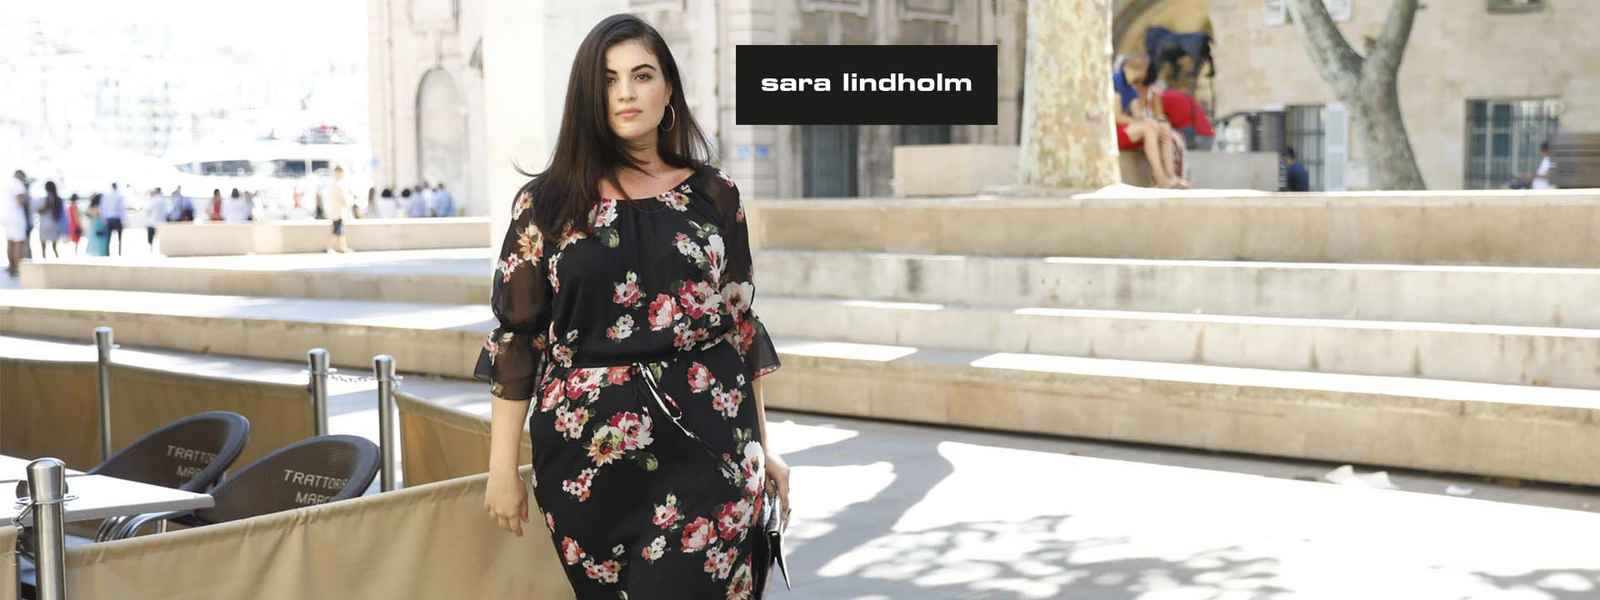 Sara Lindholm